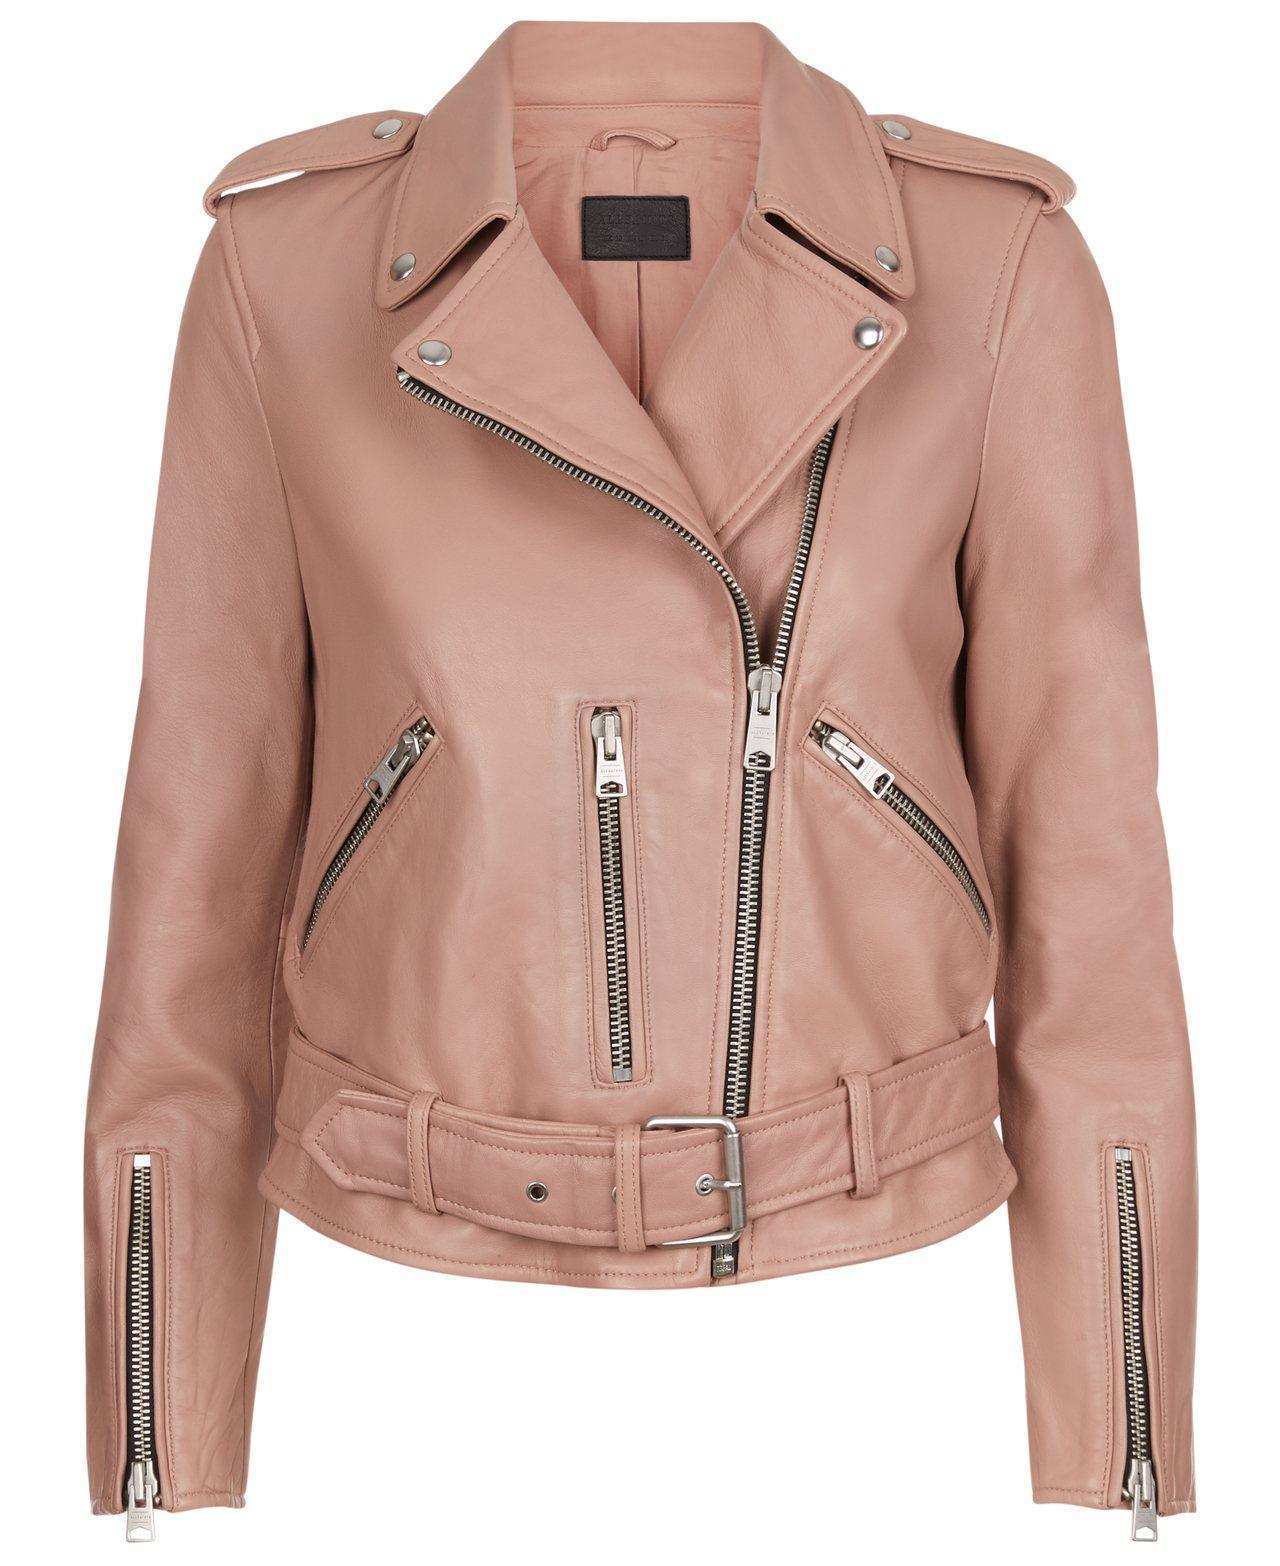 凱特溫絲蕾款AllSaints Balfern粉色騎士夾克,售價17,900元。...